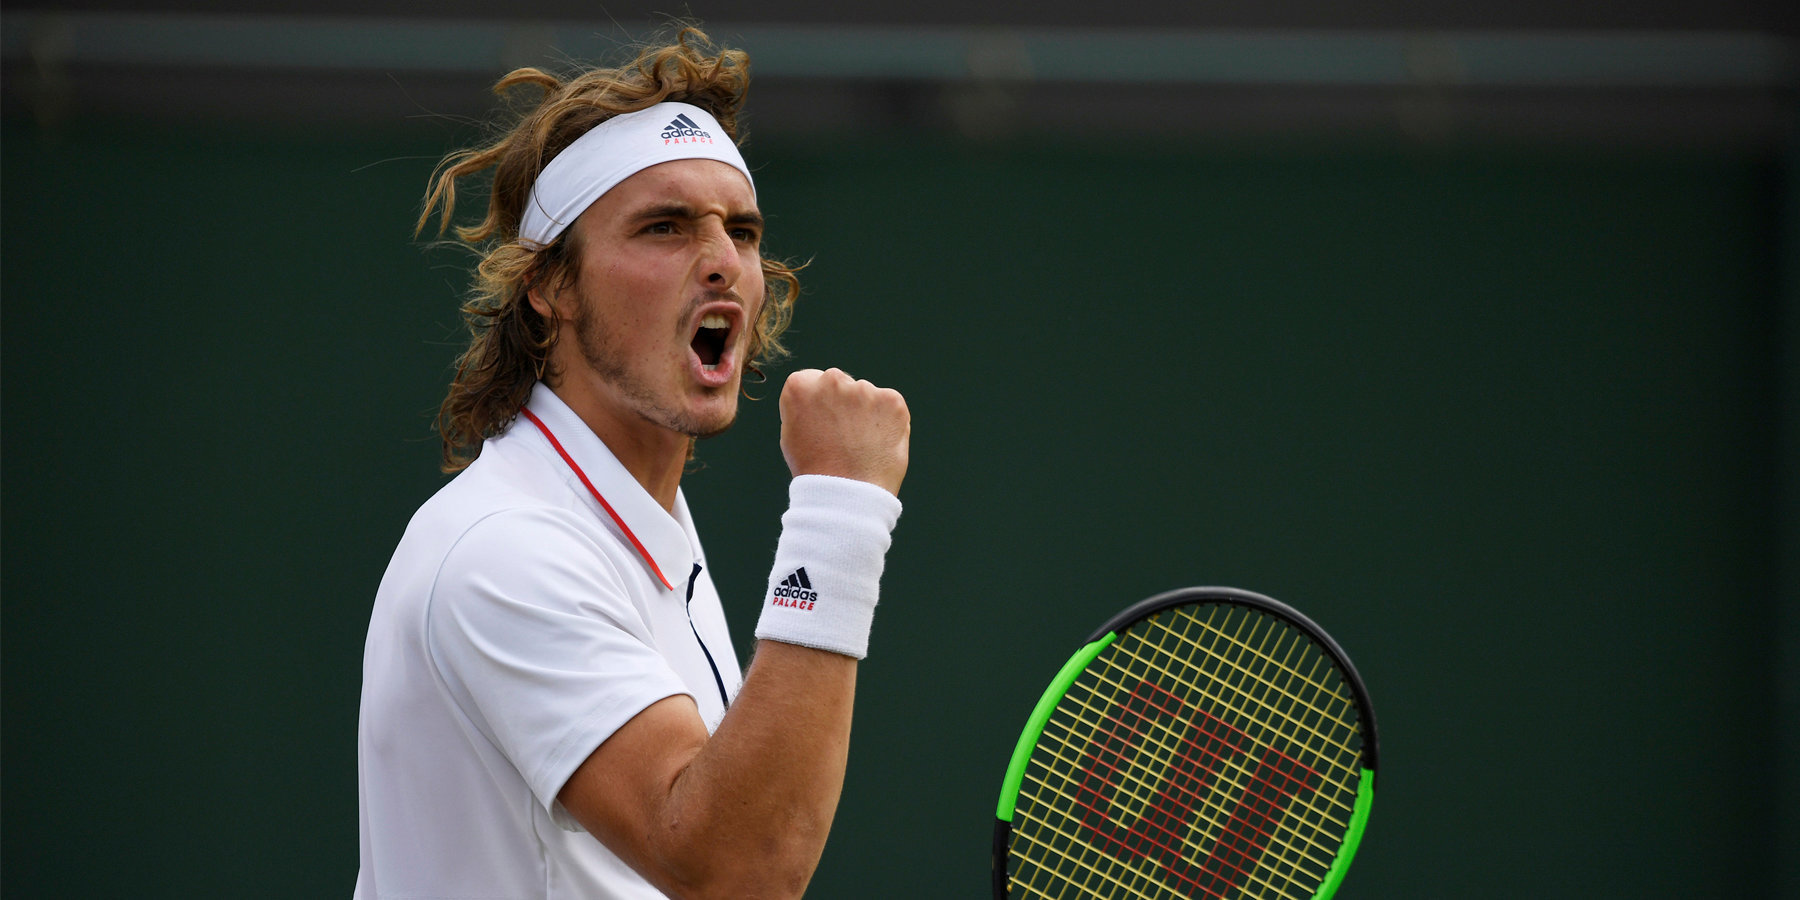 Циципас обыграл Тима и выиграл Итоговый турнир ATP